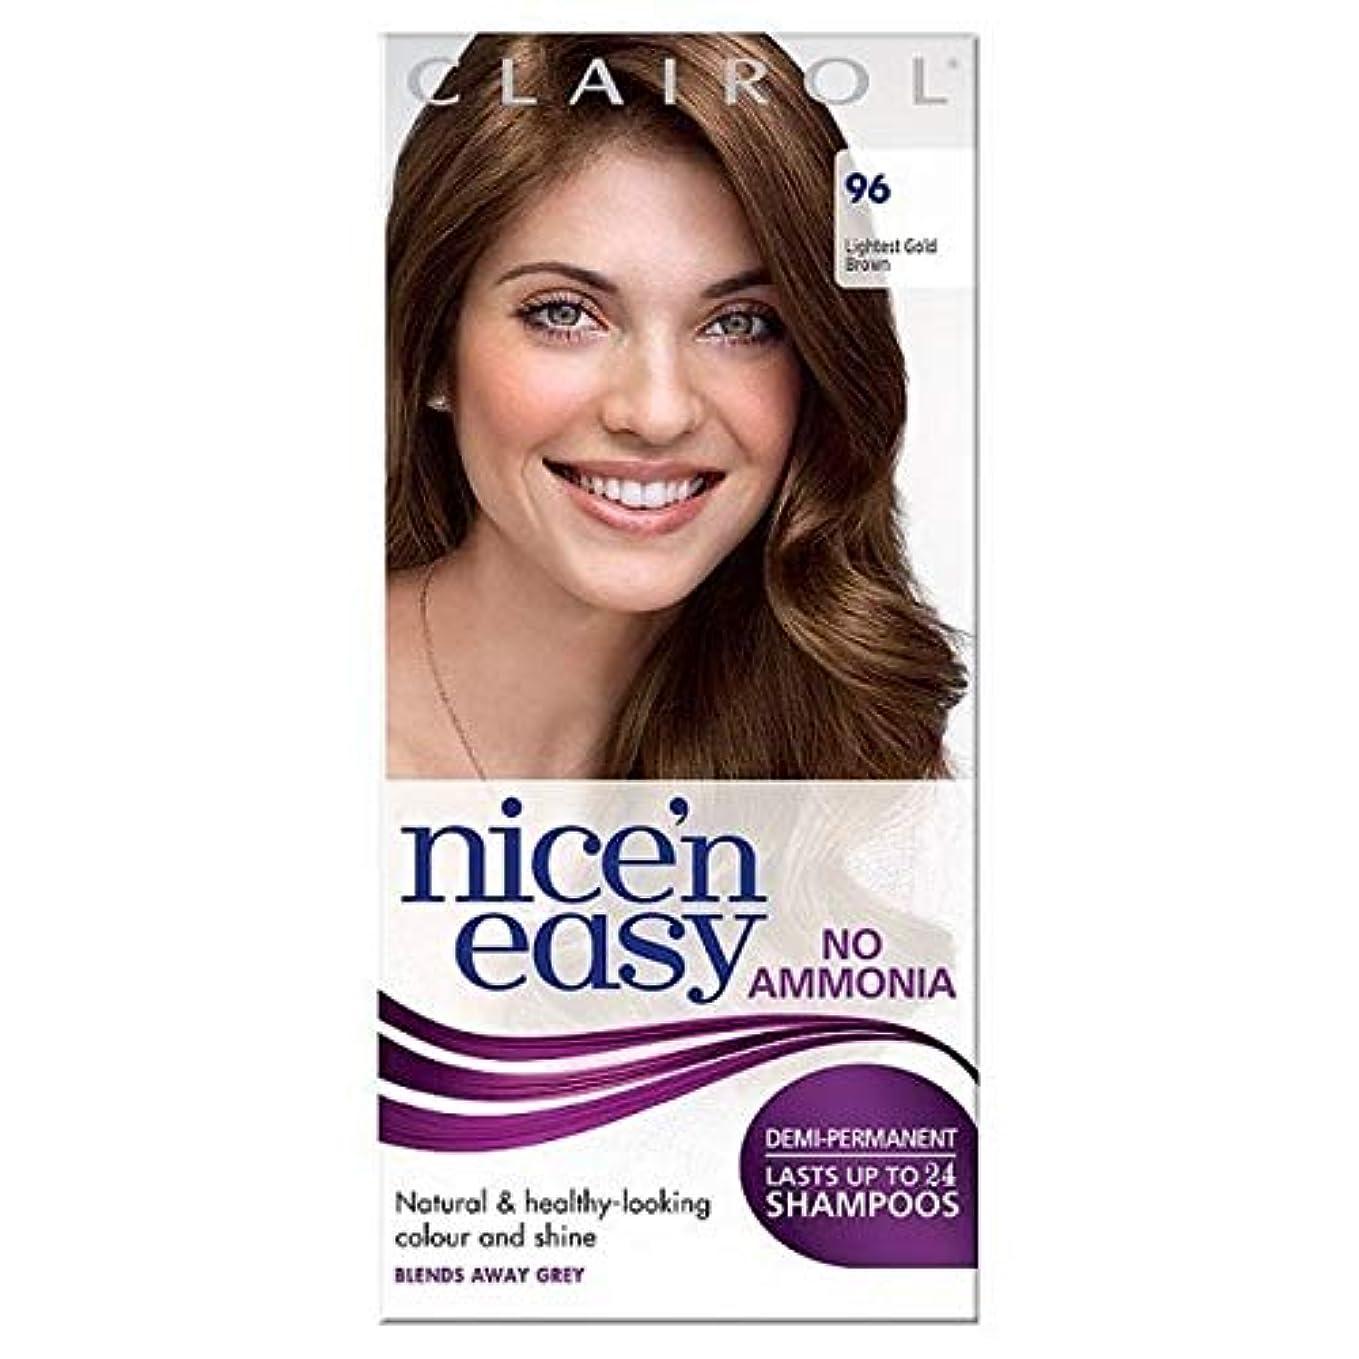 間違えた絶縁する深める[Nice'n Easy] Nice'N簡単に何のアンモニア毛が96軽い黄金色に染めていません - Nice'n Easy No Ammonia Hair Dye Lightest Golden Brown 96 [並行輸入品]